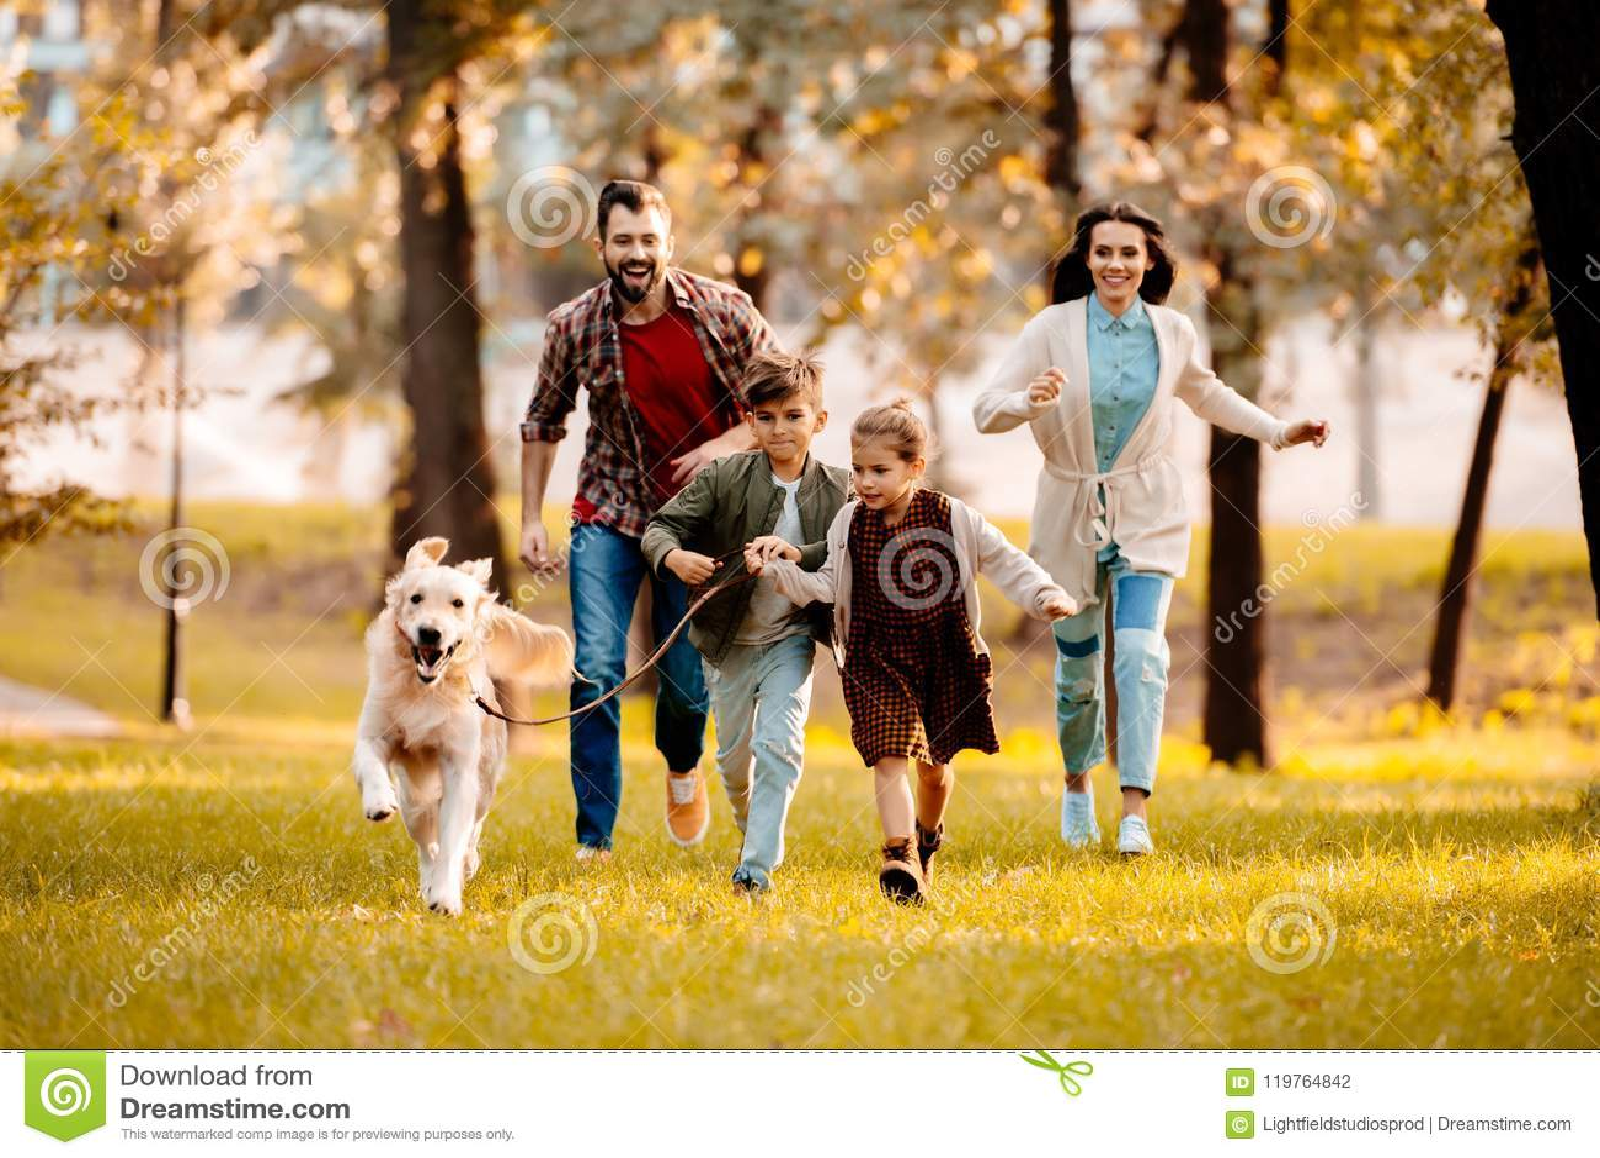 Família feliz com as duas crianças que correm após um cão junto